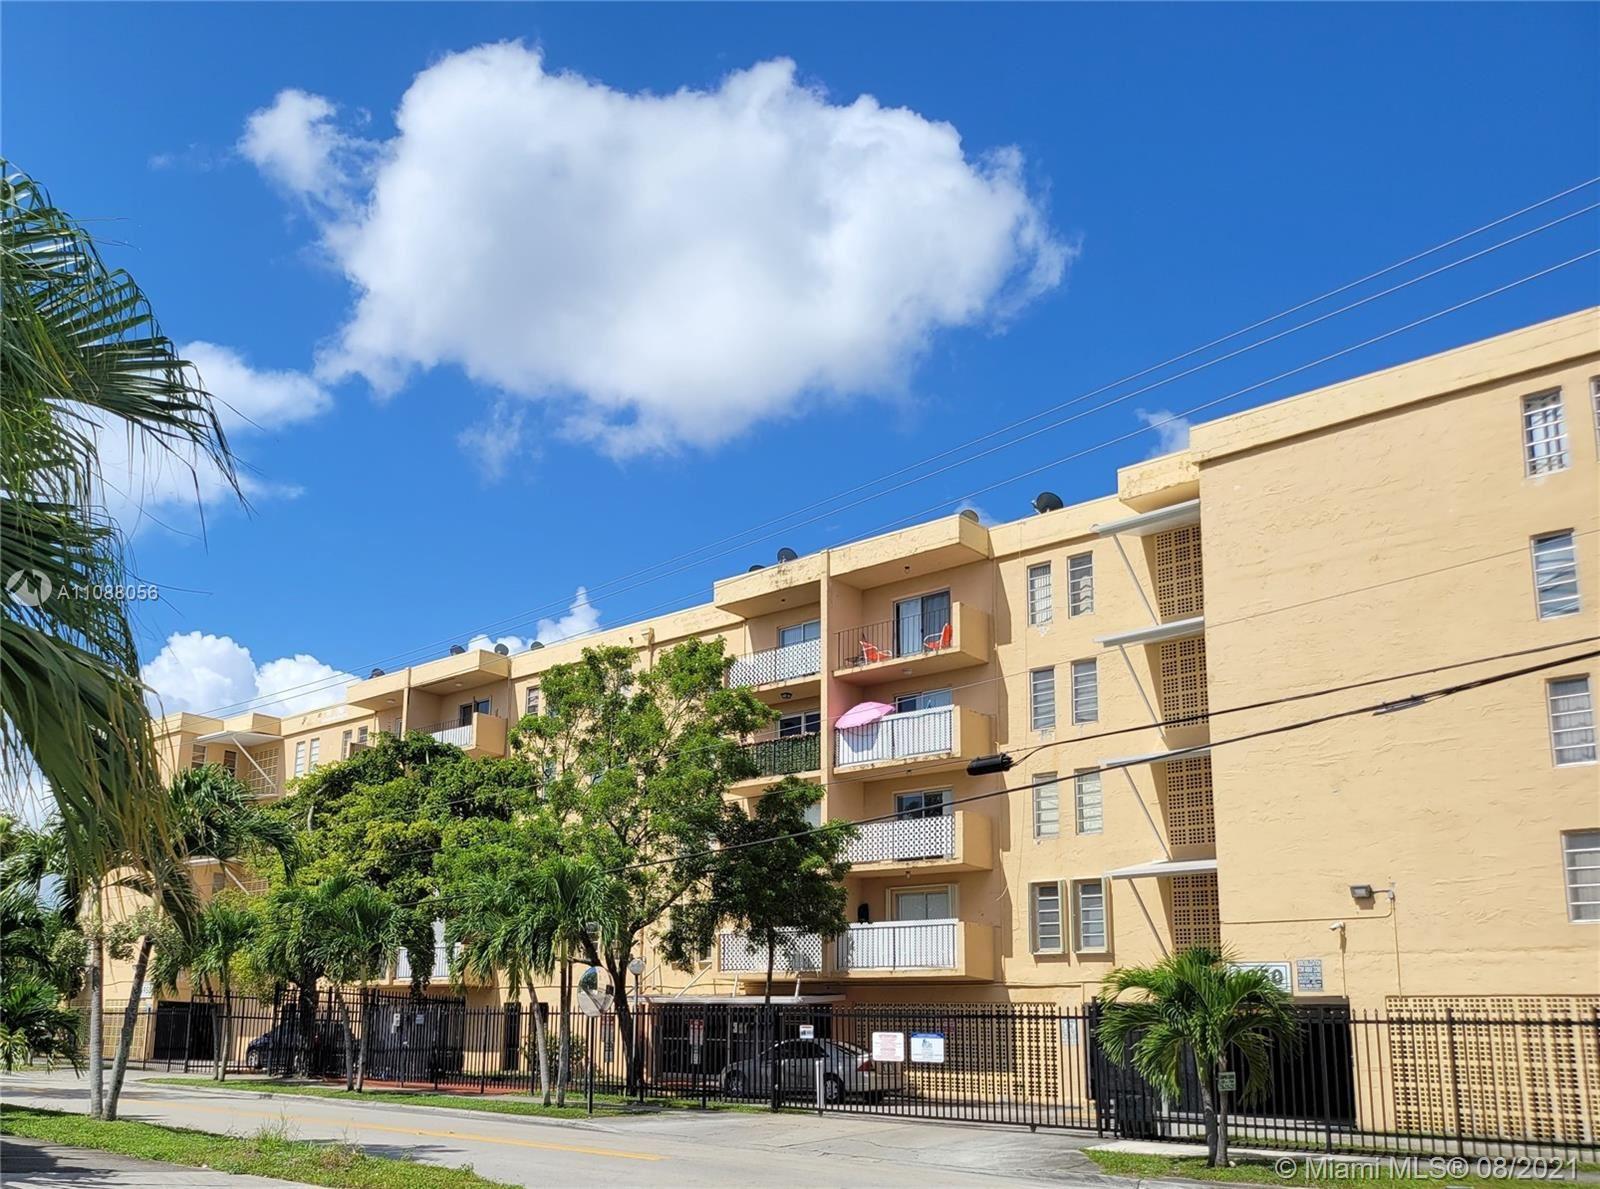 6950 W 6th Ave #512, Hialeah, FL 33014 - #: A11088056